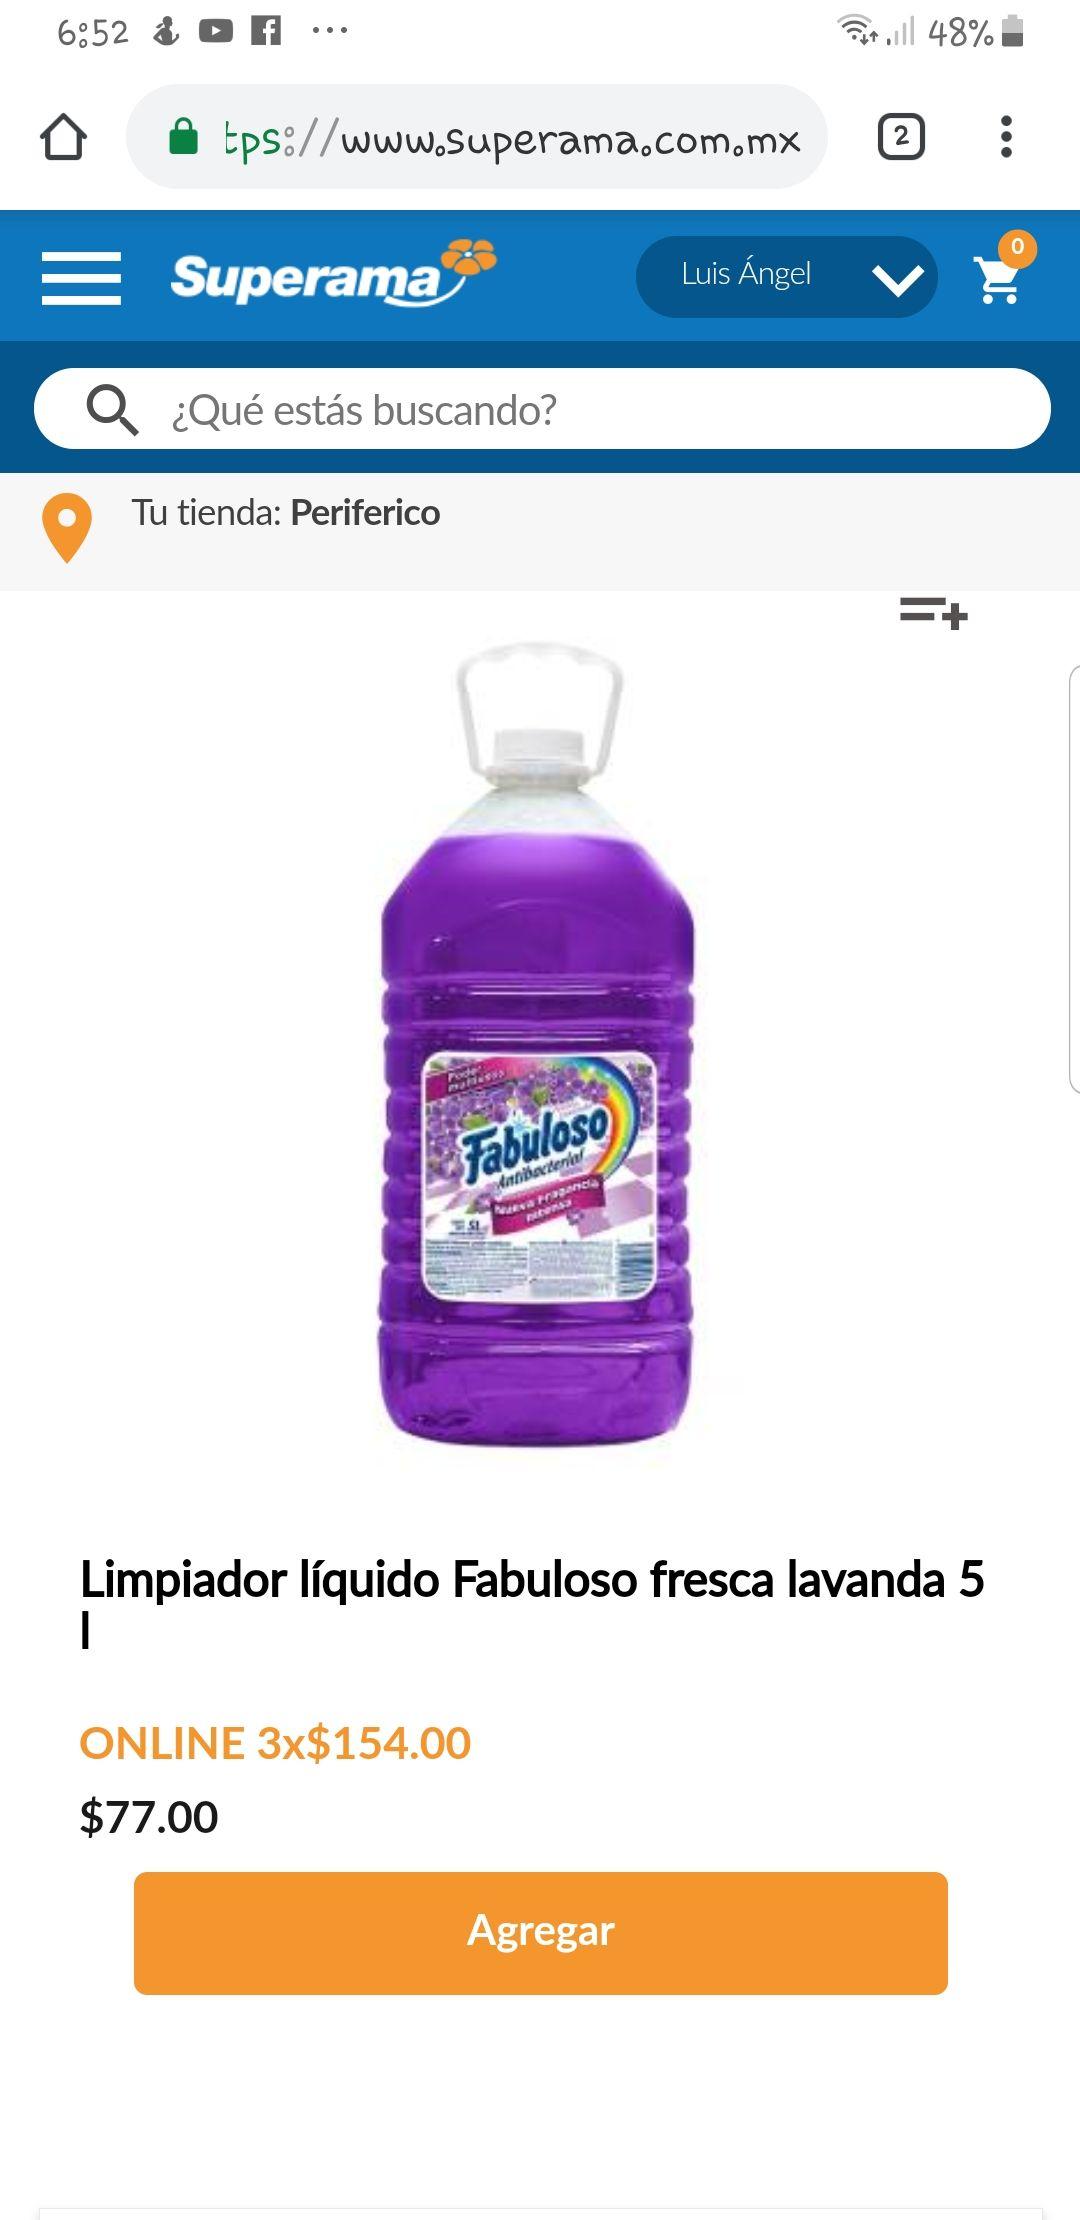 Superama: Fabuloso 15 litros